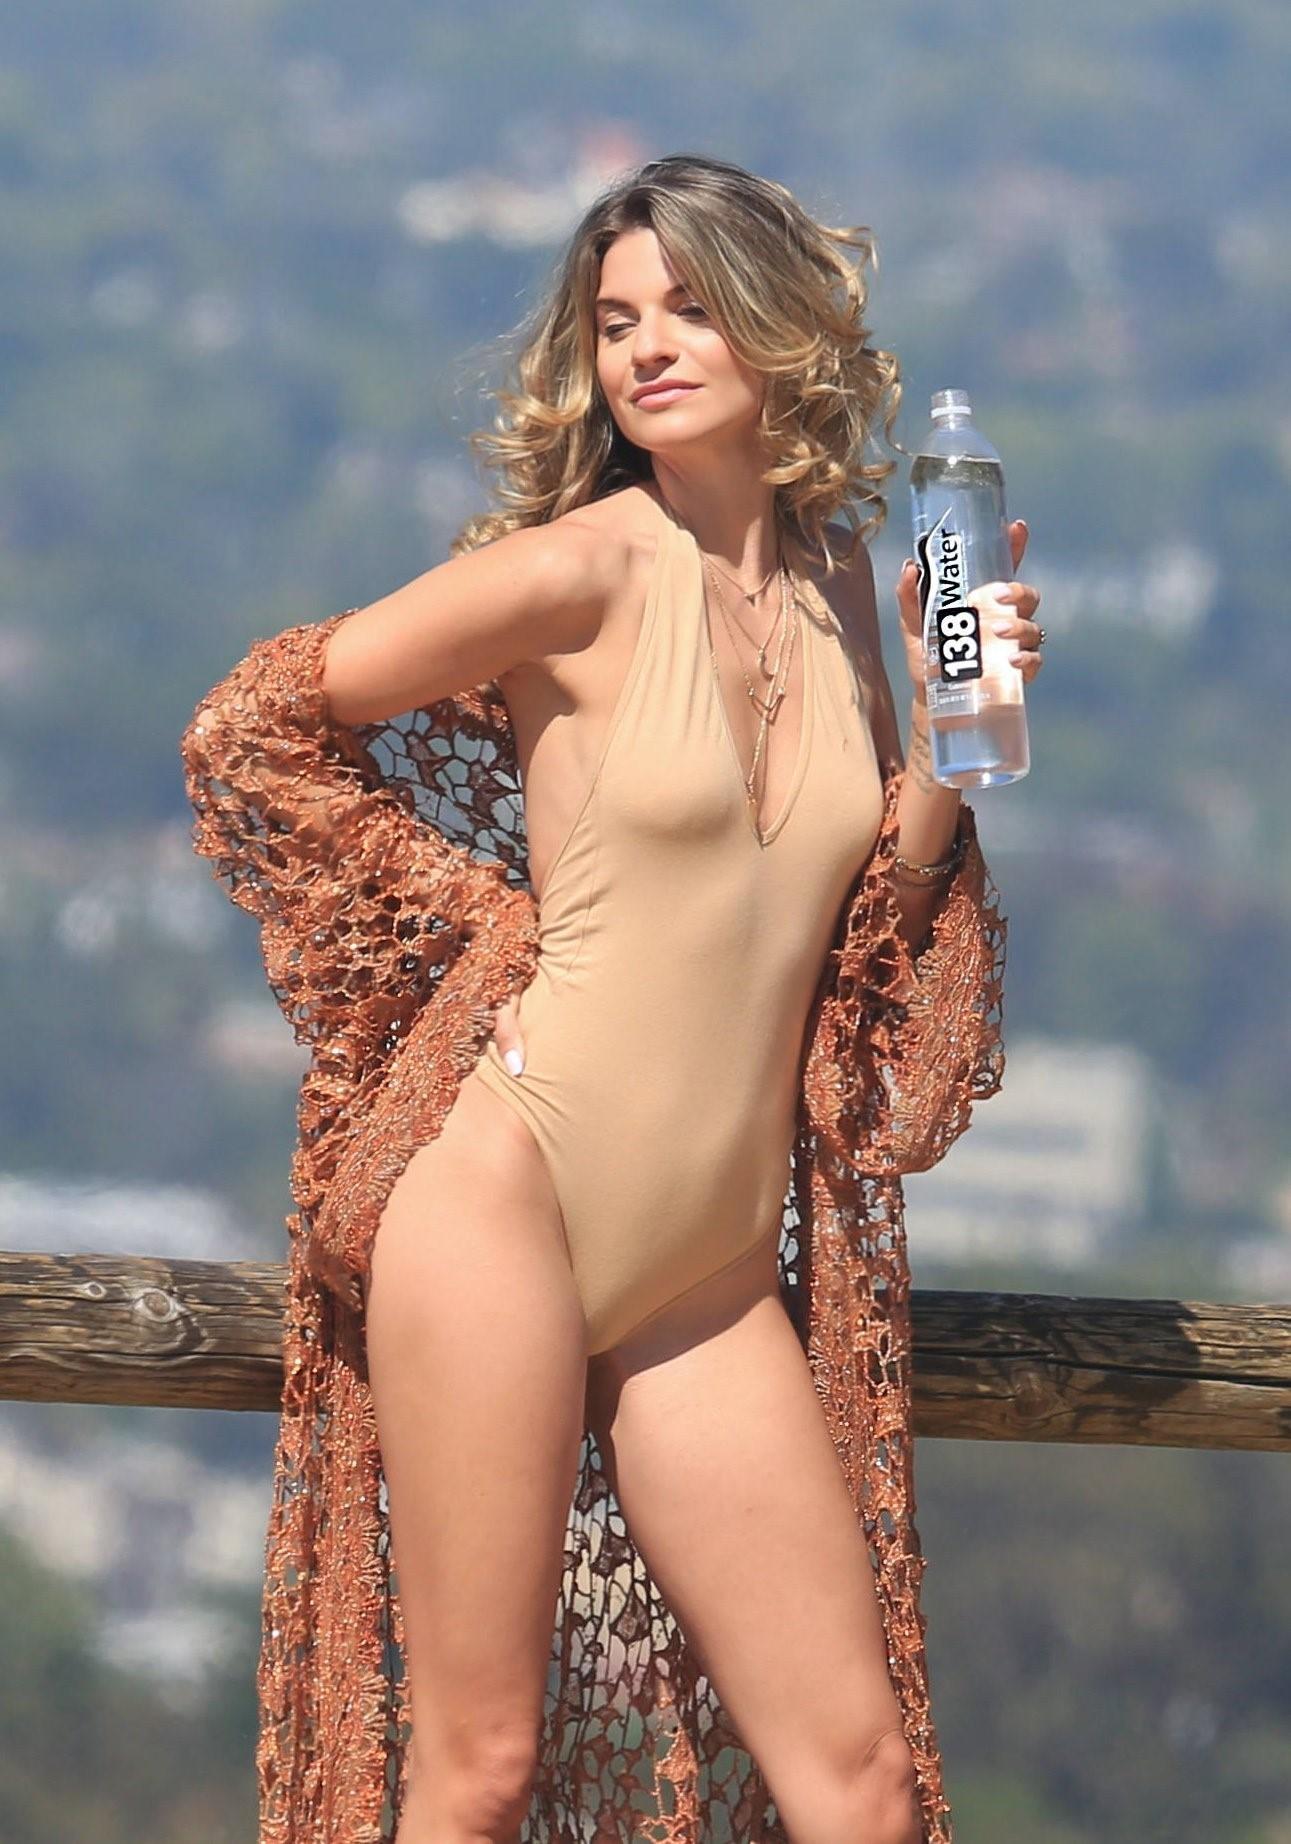 Rachel McCord nude (74 photo), Ass, Fappening, Feet, butt 2015